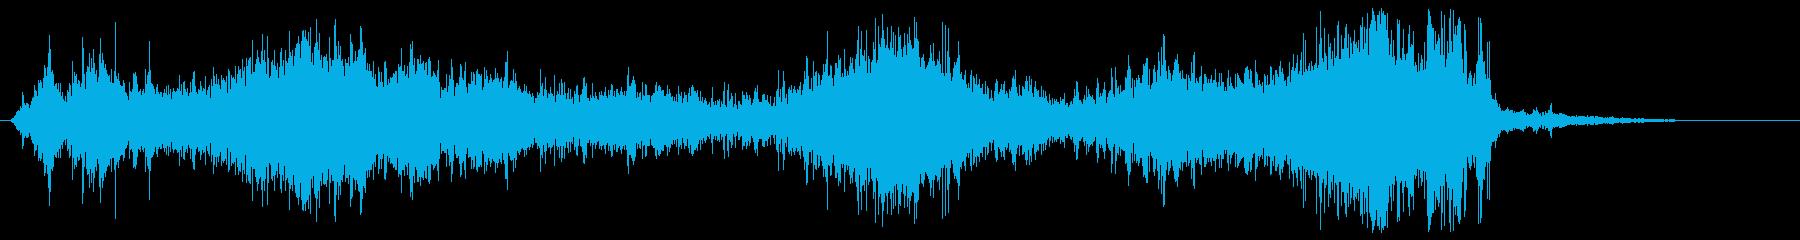 流水・しぶき・水系魔法#5の再生済みの波形